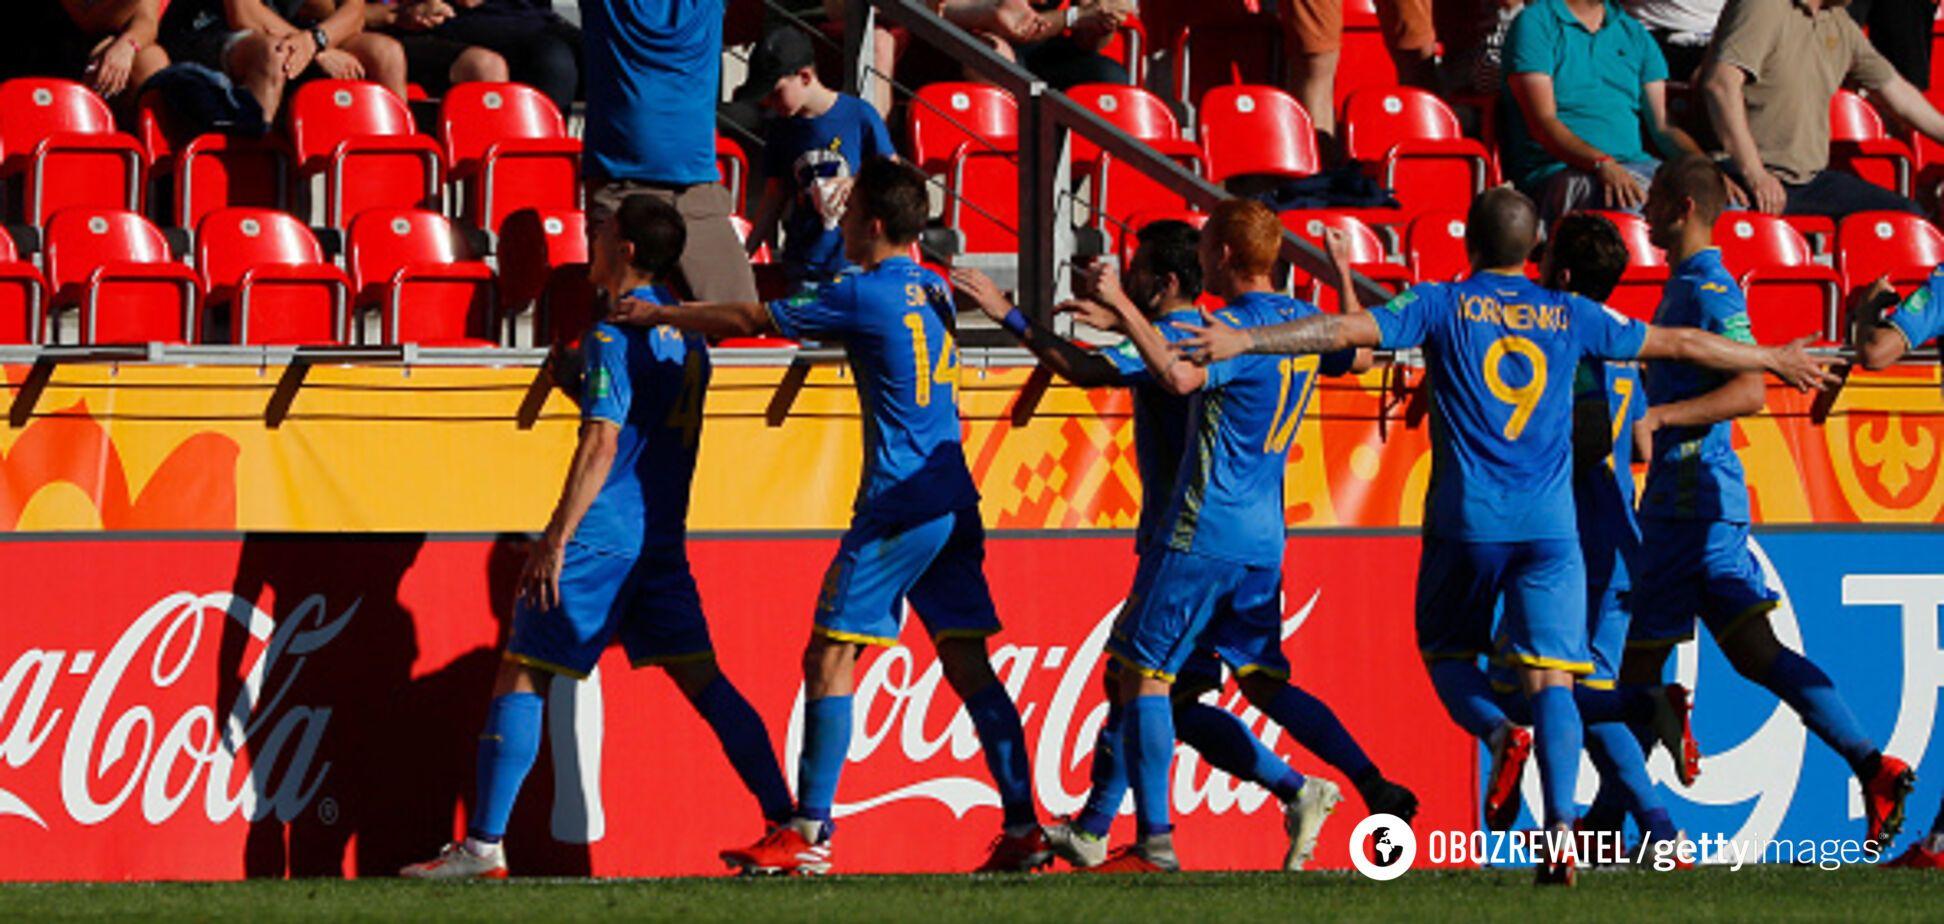 Украина – Колумбия: результат четвертьфинала ЧМ по футболу U-20